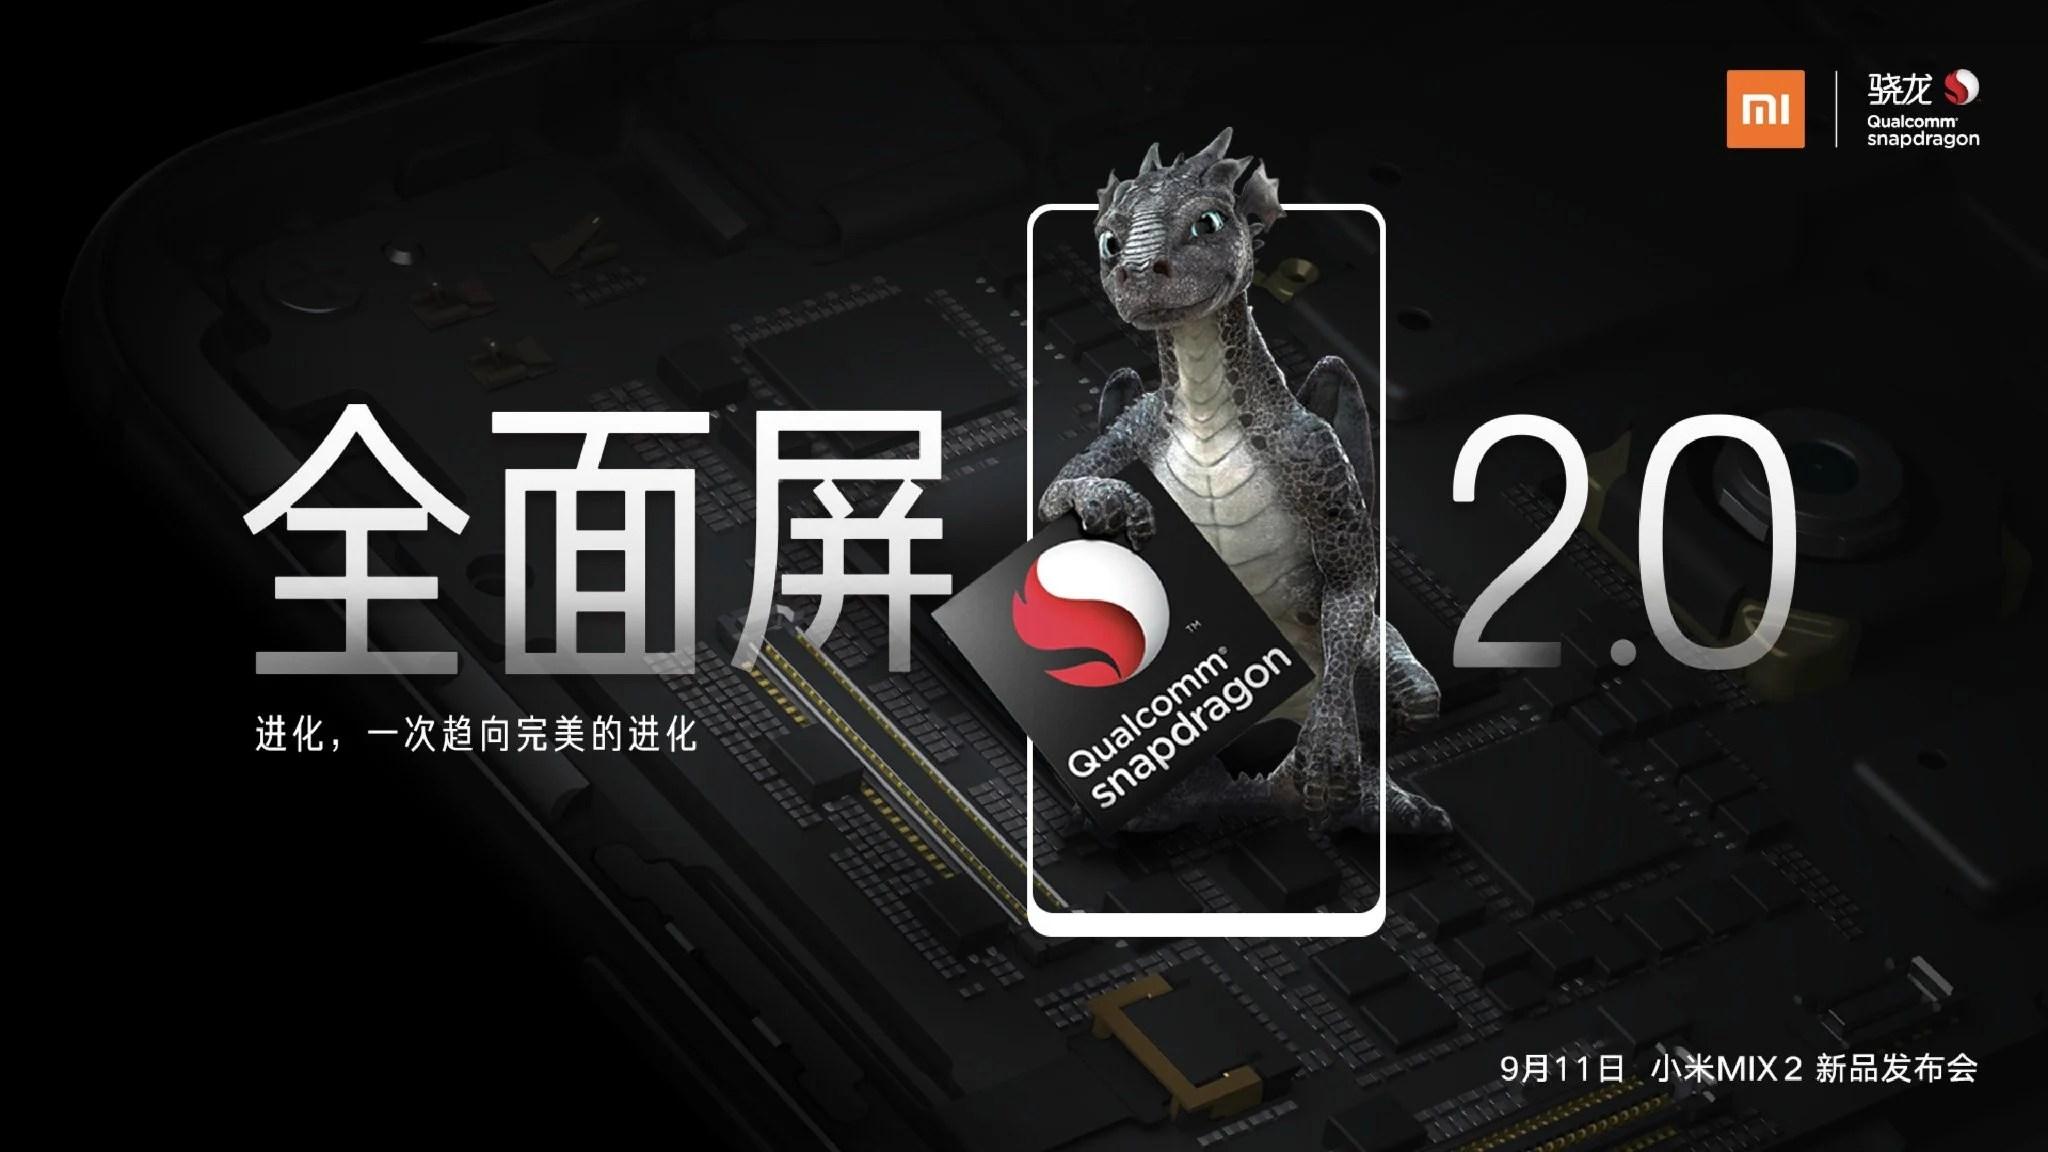 Xiaomi Mi Mix 2 :Qualcomm confirme le Snapdragon 835, pas de 836